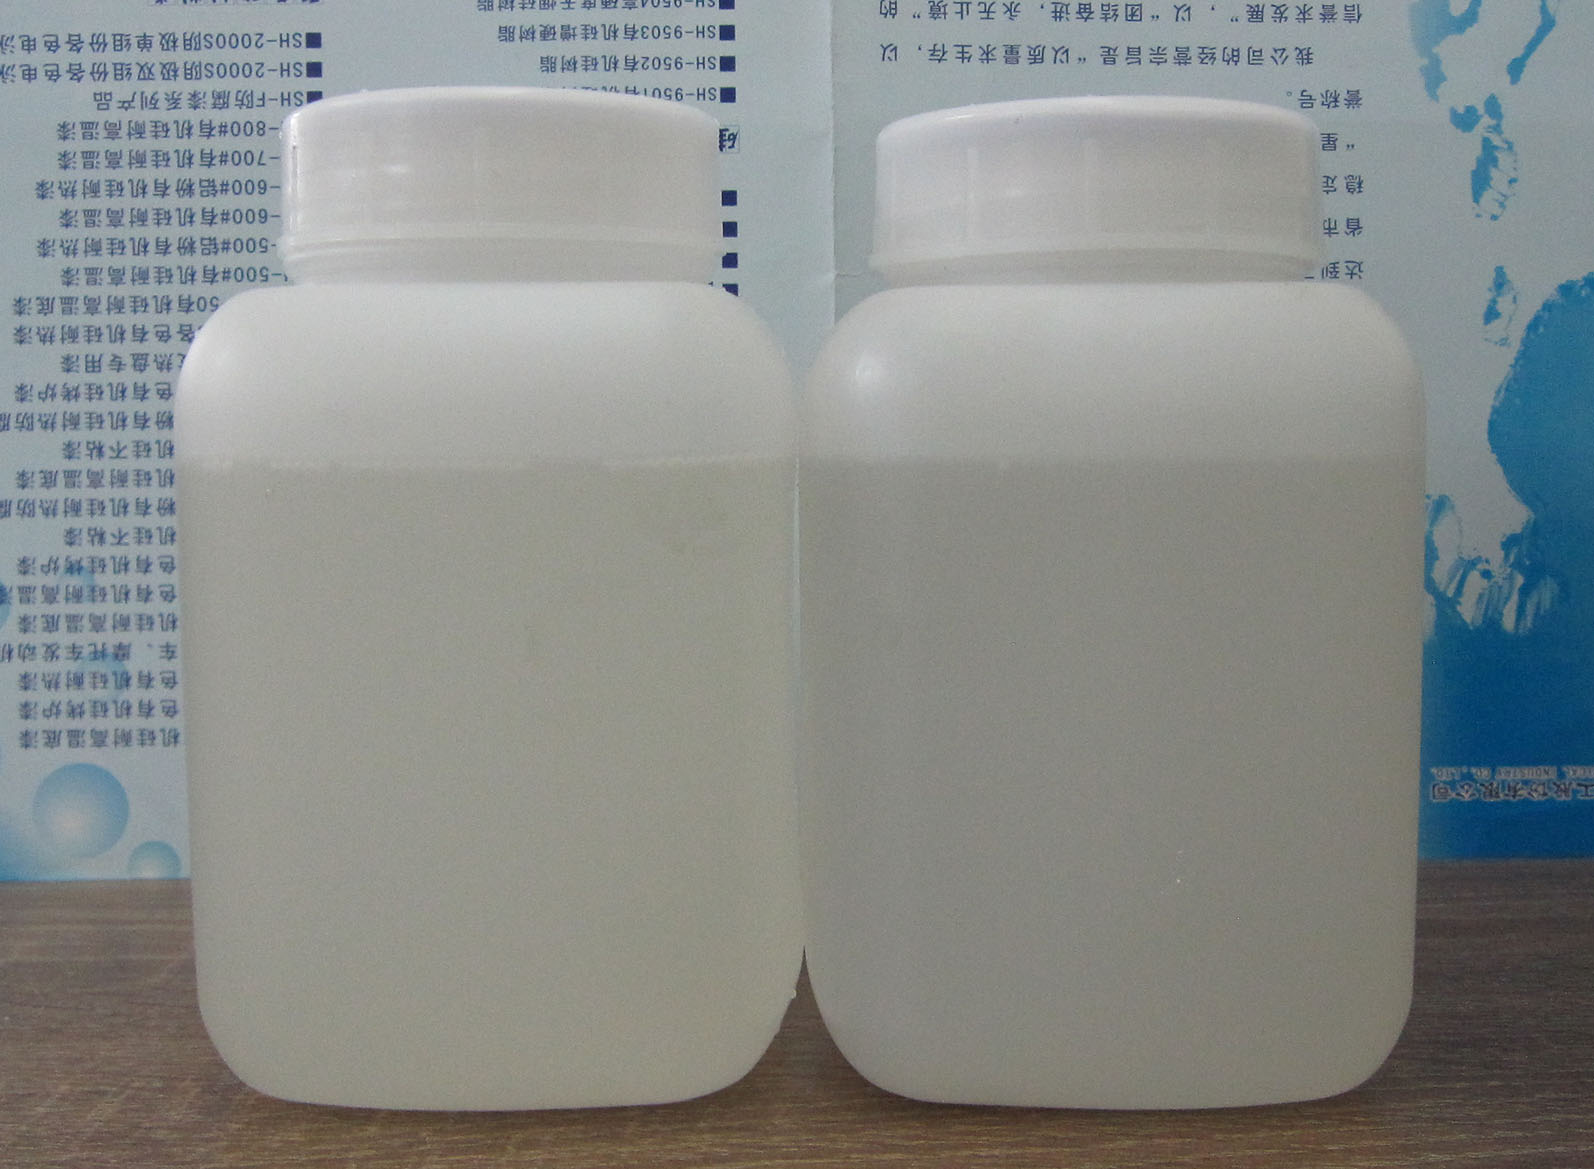 深圳棉用亲水硅油 挺滑亲水冰感硅油 软滑亲水冰感硅油生产厂家